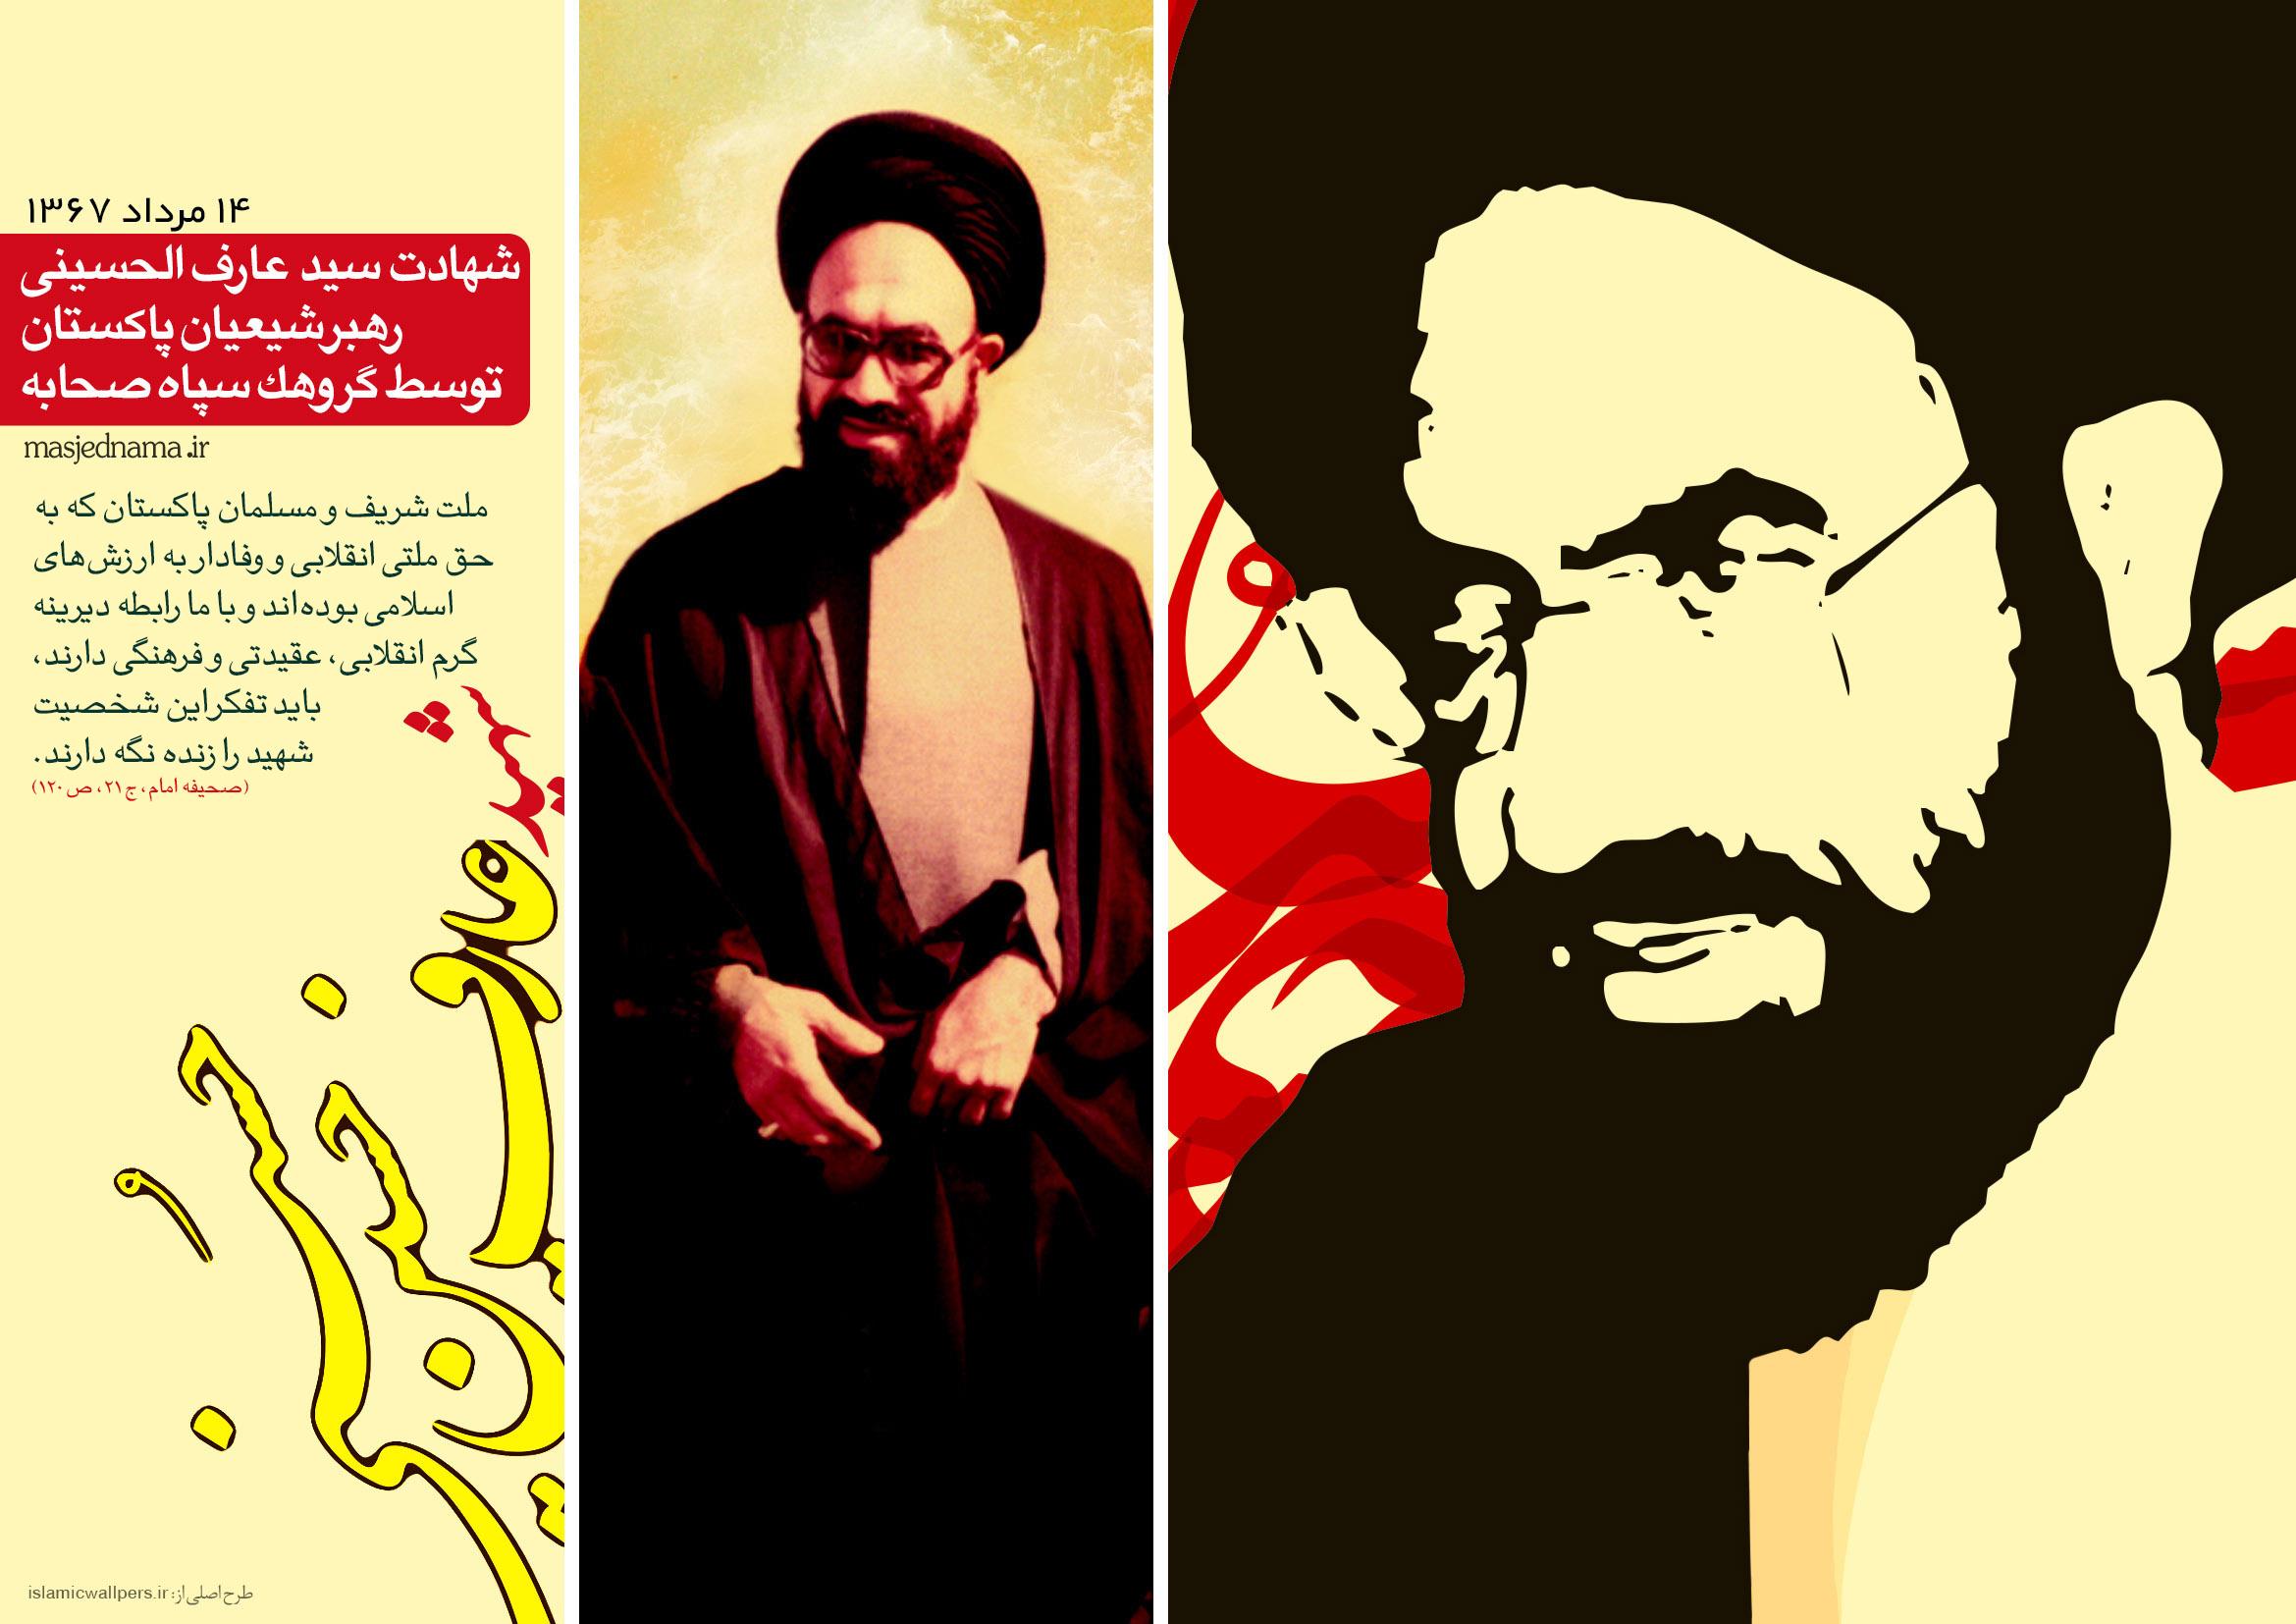 سید عارف حسین حسینی